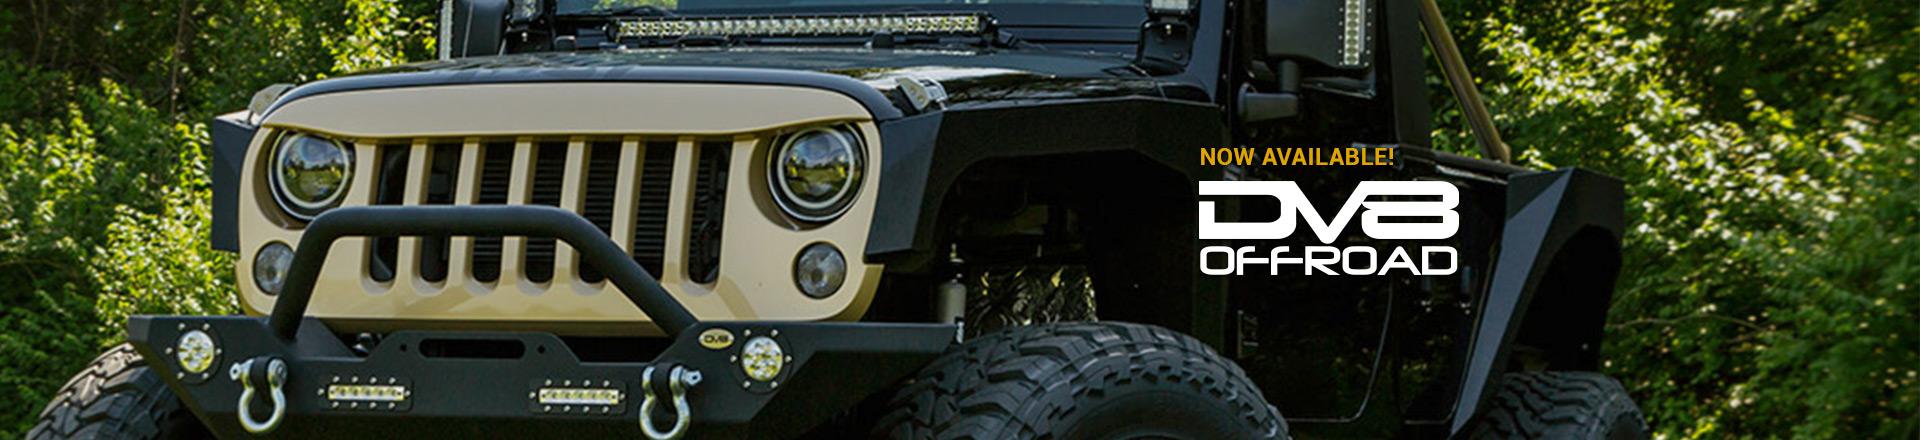 dv8 offroad jeep wrangler